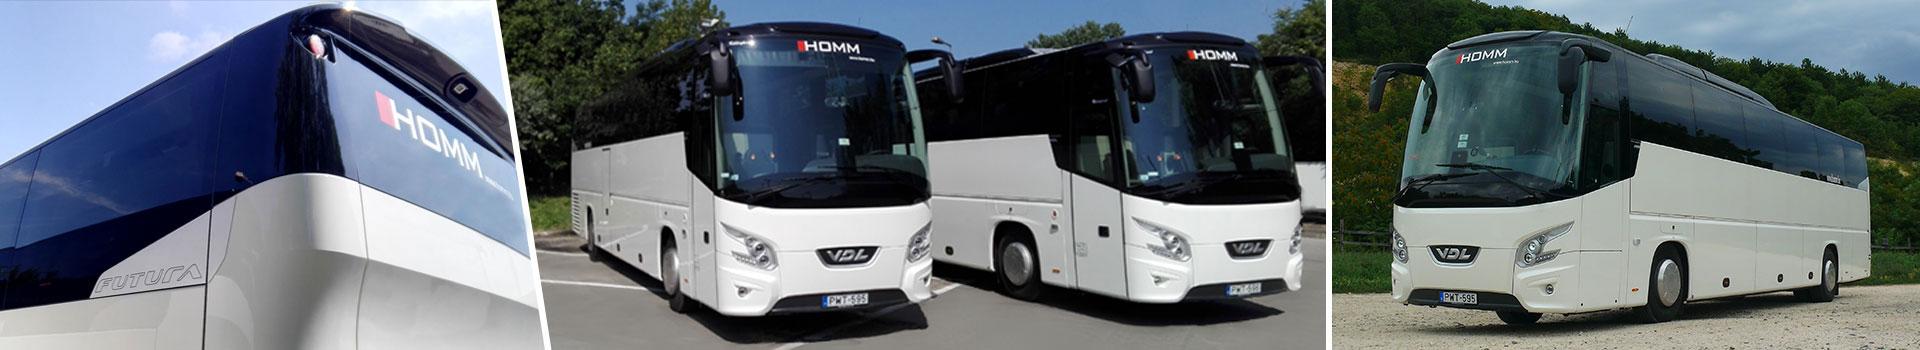 Homm - Személyszállítás, dolgozószállítás, autóbusz bérlés